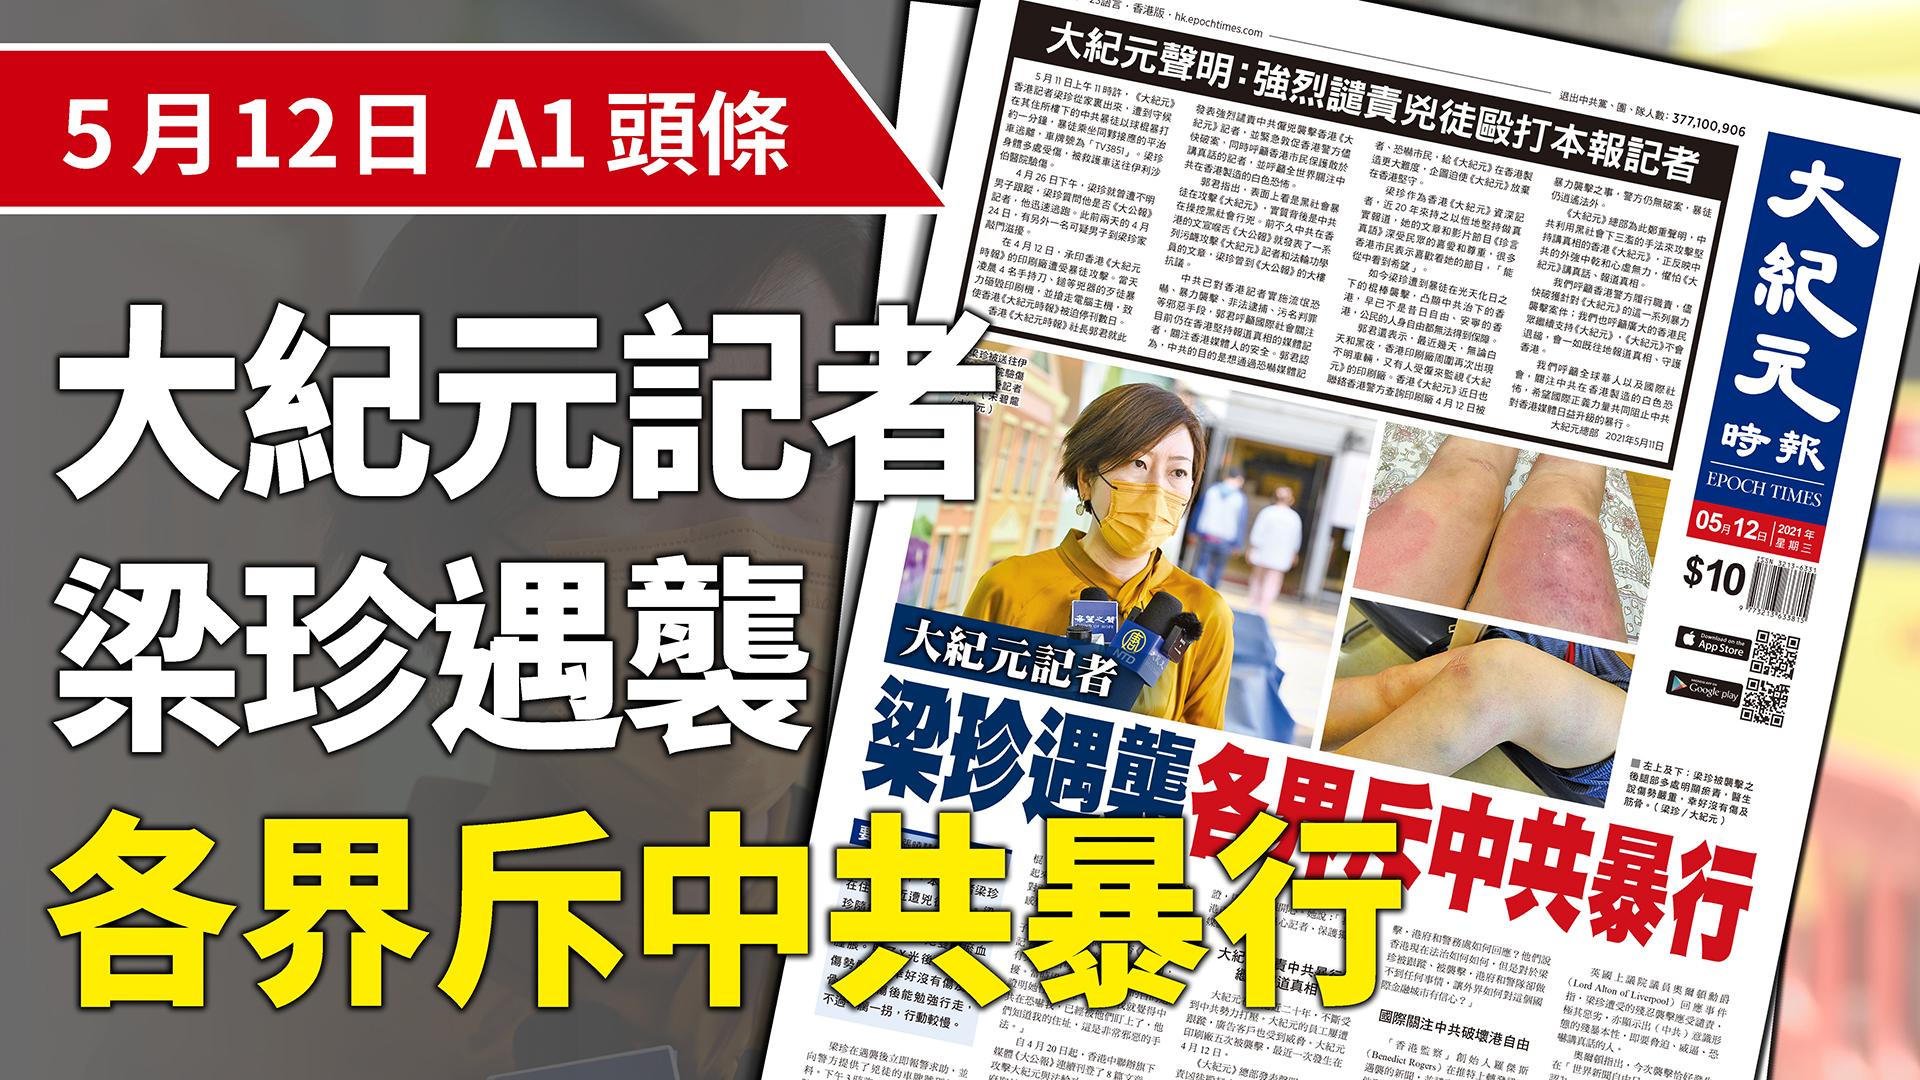 5月11日上午,本報記者梁珍在住所附近遭兇徒毆打。事件引起各界關注,本港及國際人士和組織均回應譴責中共的暴行。(大紀元製圖)